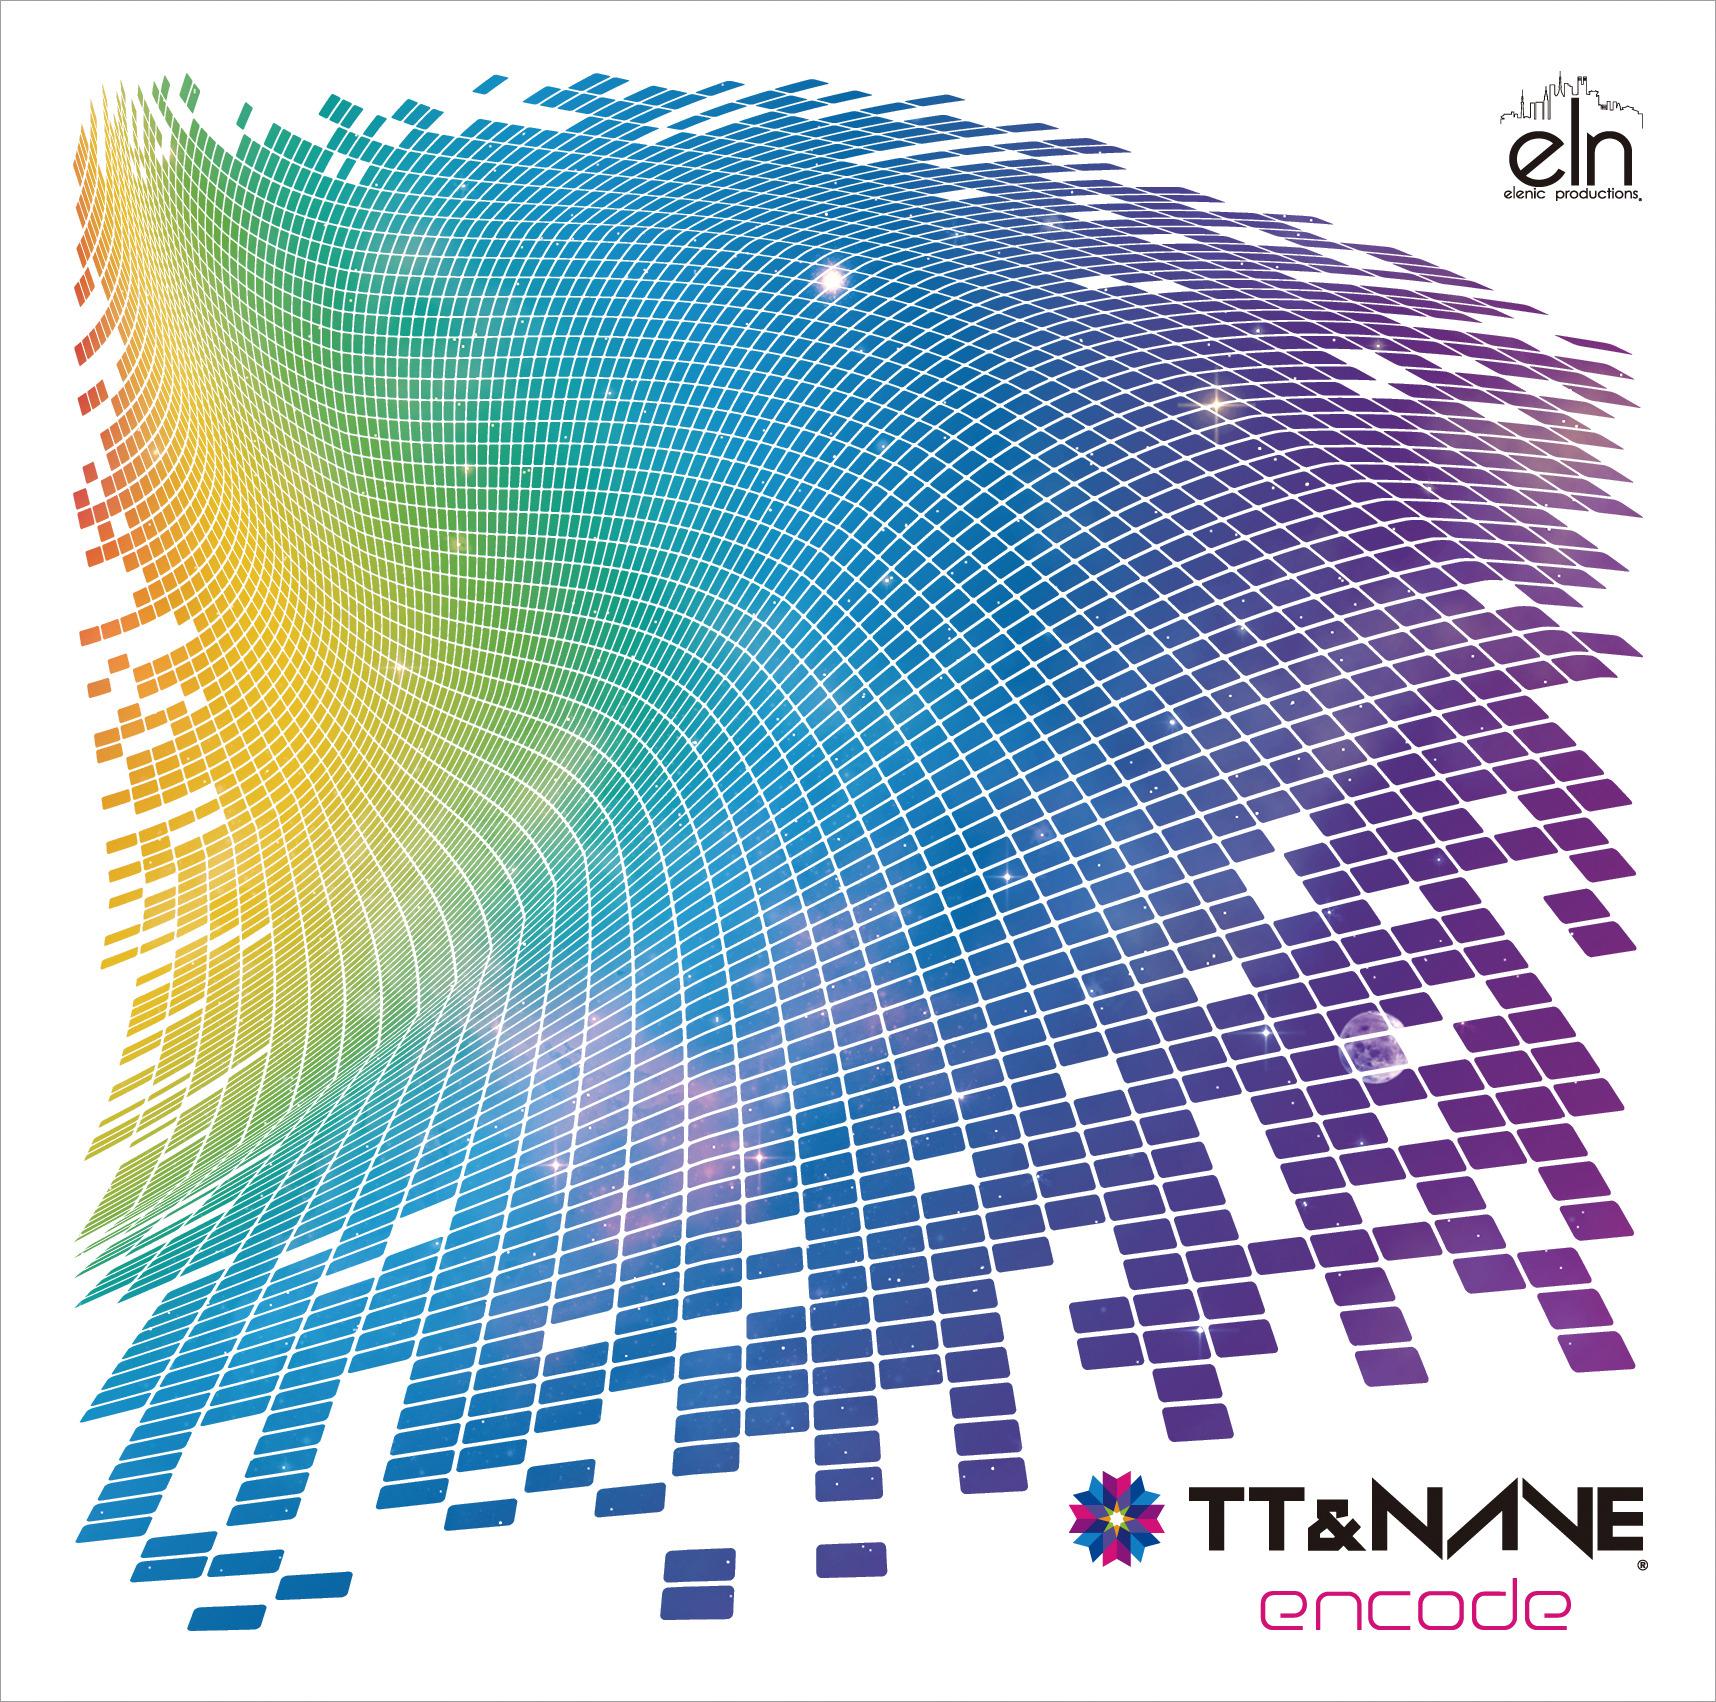 音楽CD : encode / TT&NAVE